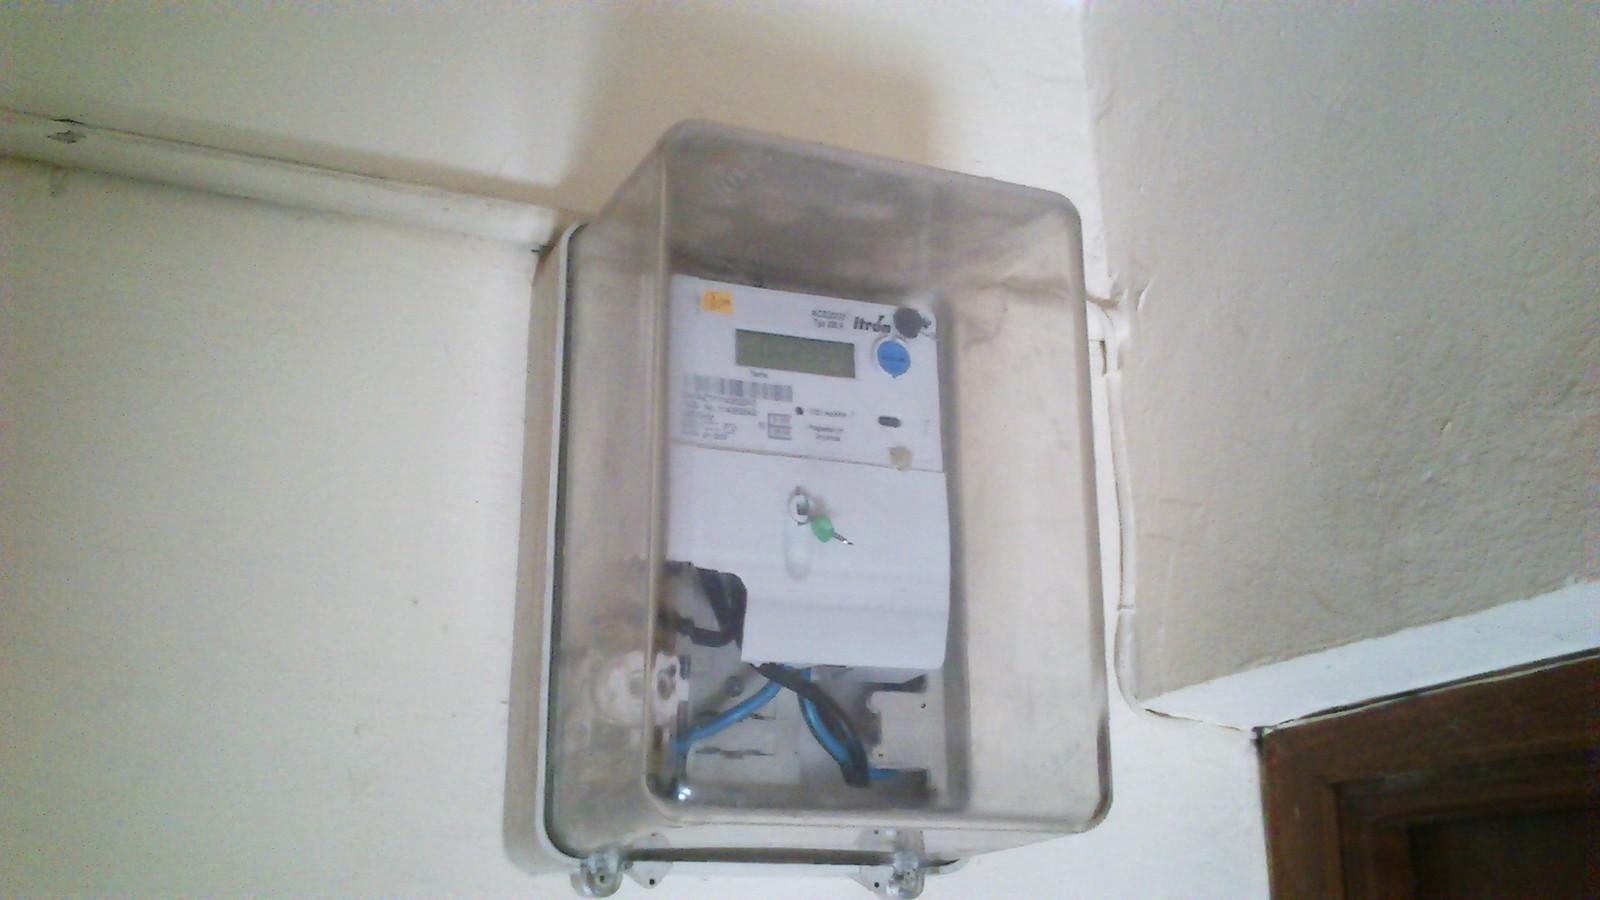 ite villamuriel de cerrato electricidad contador